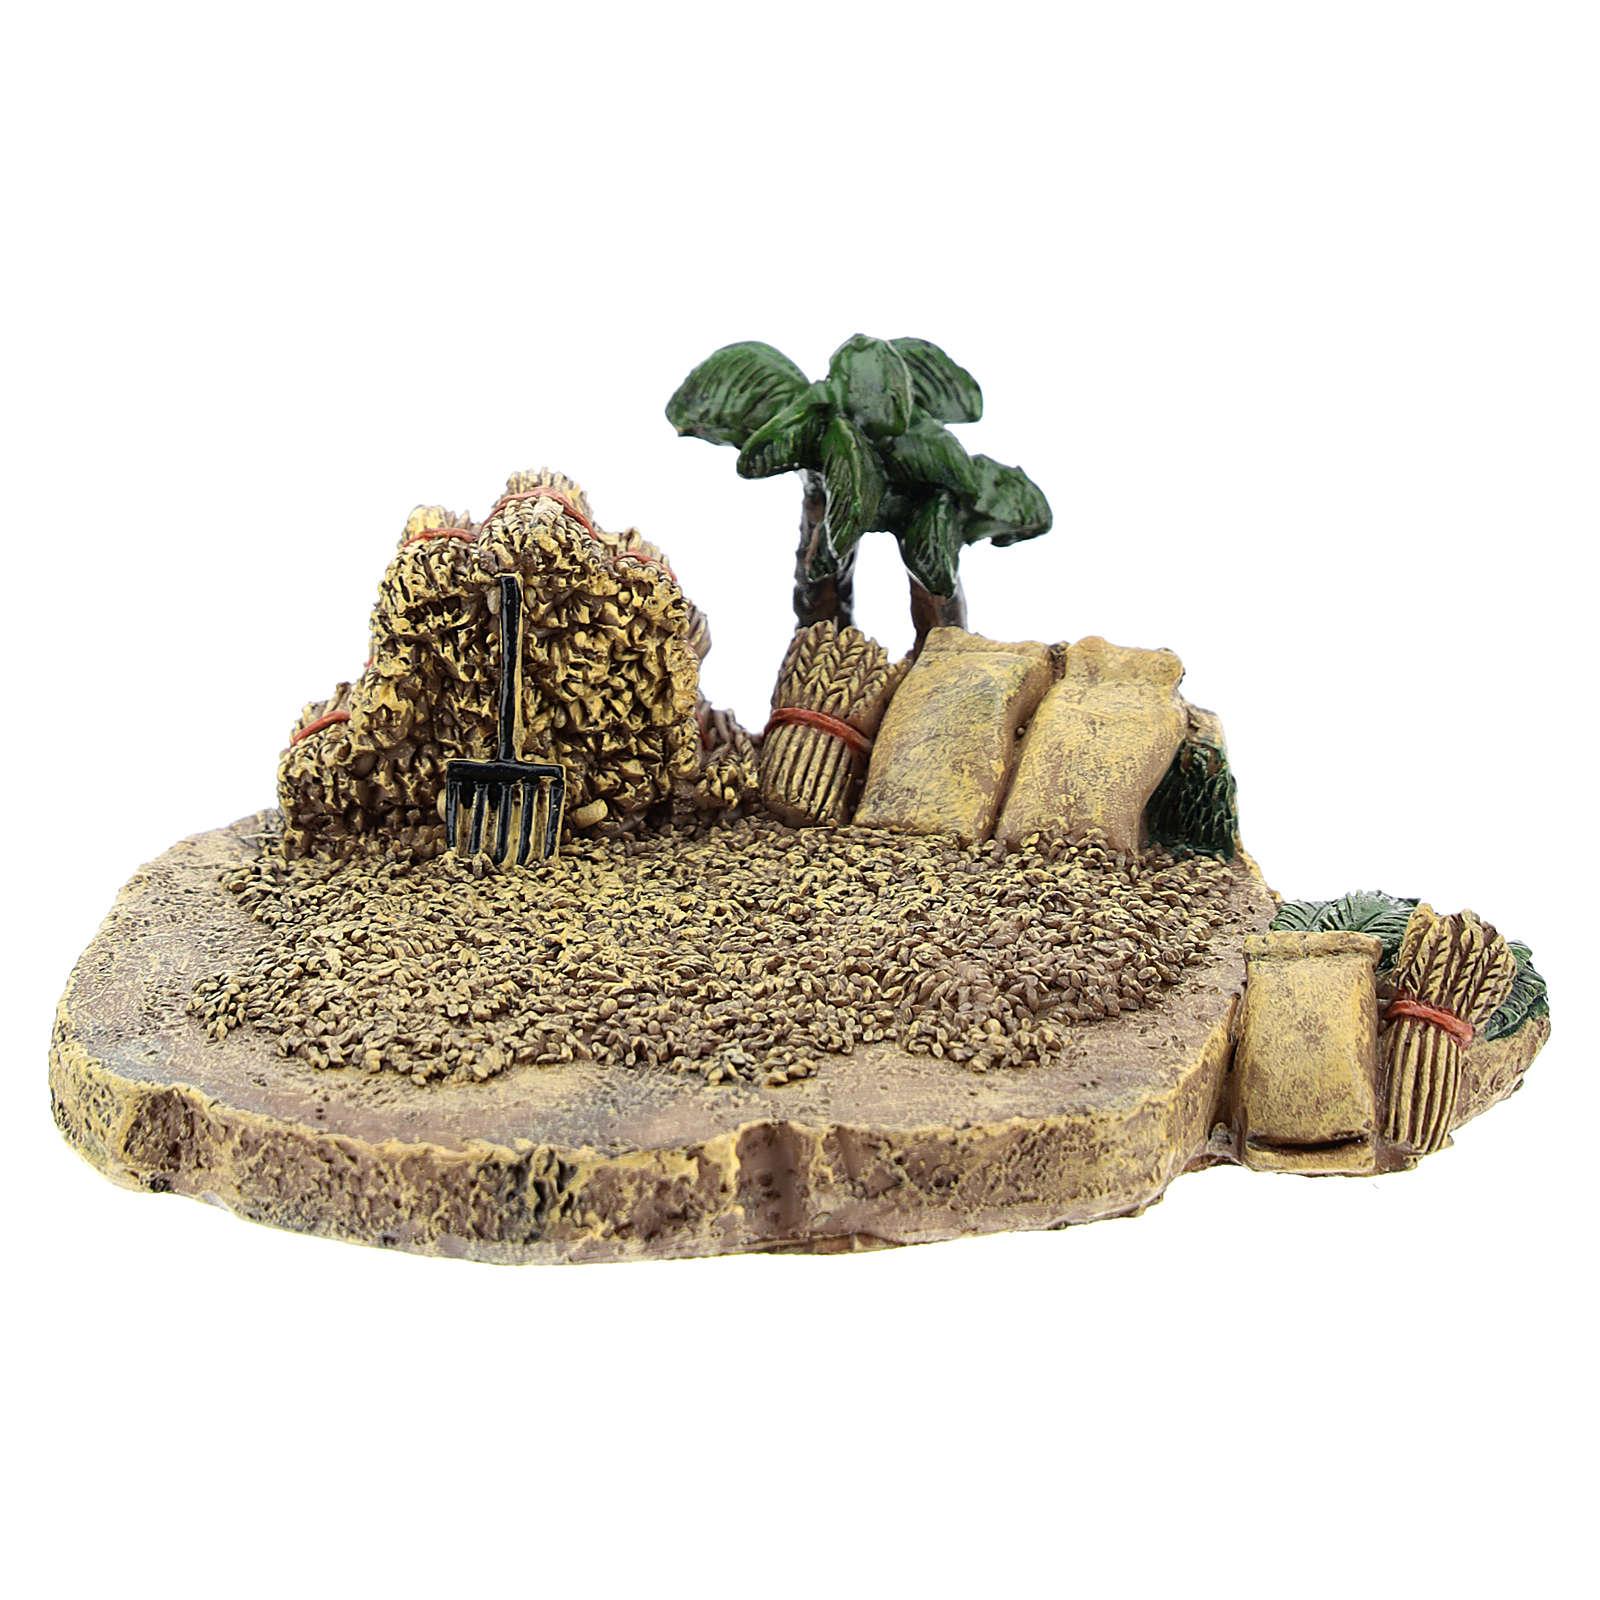 Campo di grano in resina di 4x7x10 cm per presepe 6-8 cm 4